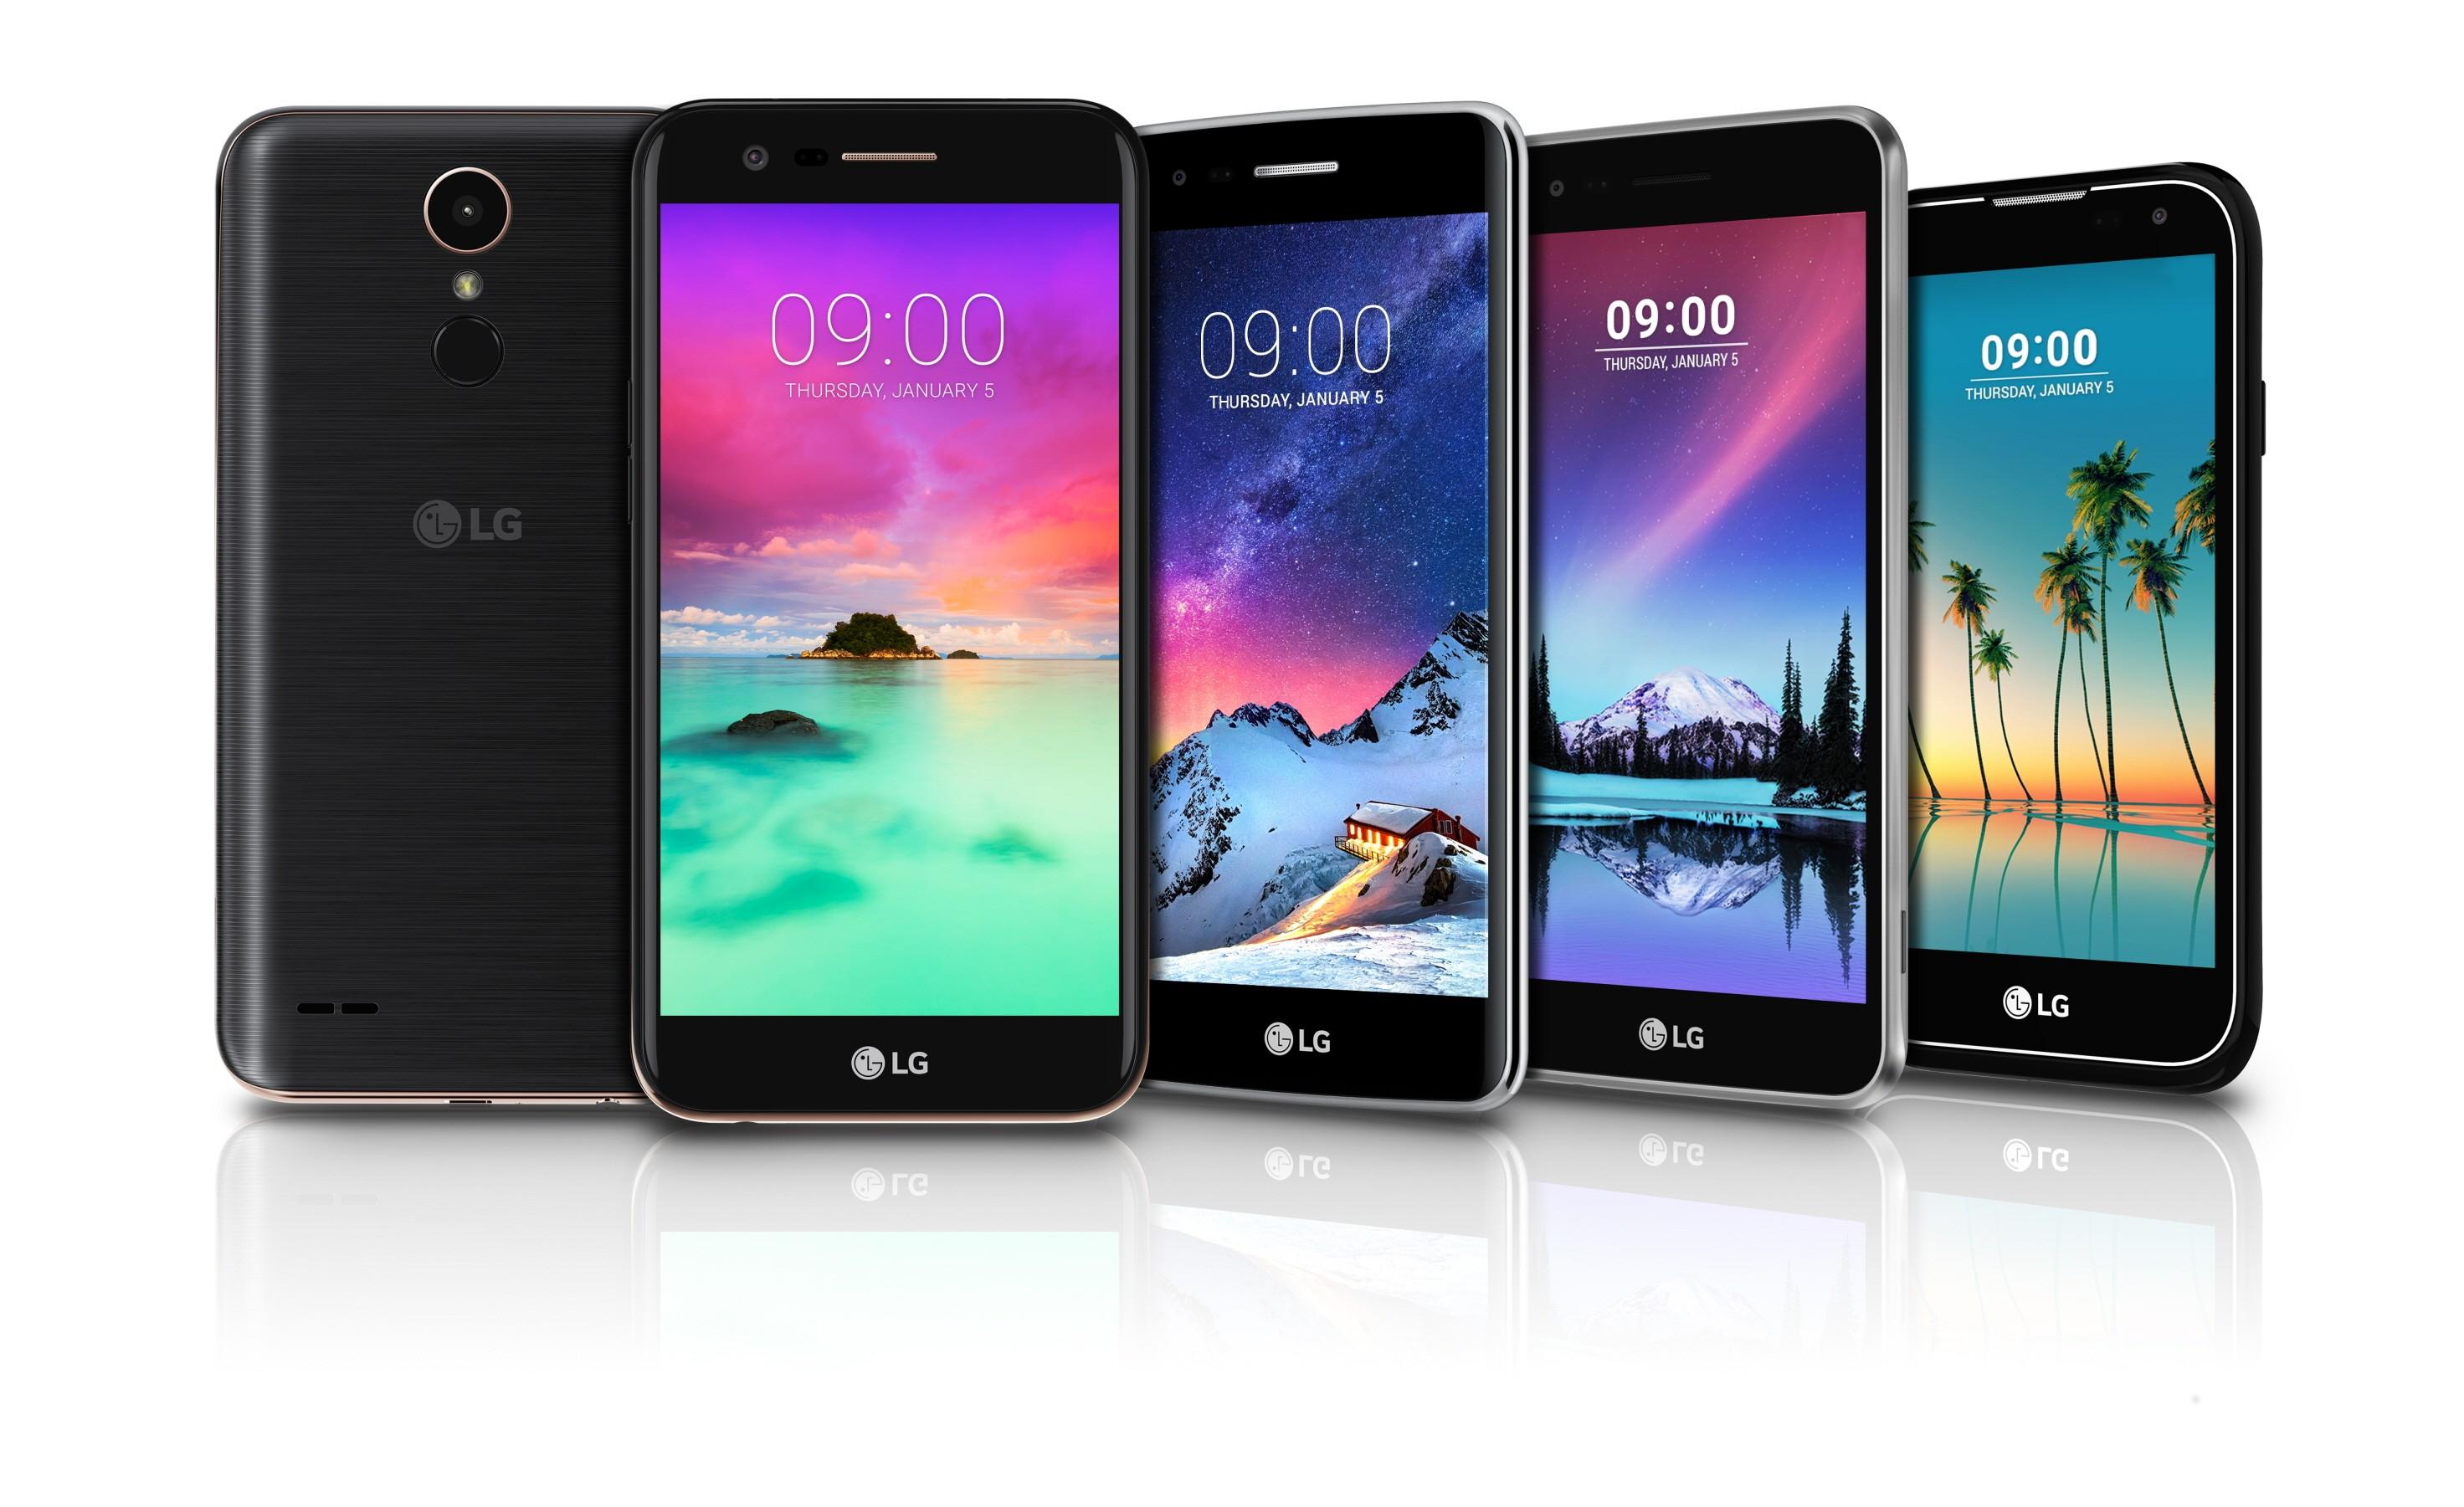 LG、Kシリーズスマホの新モデル「K10,8,4,3」を発表